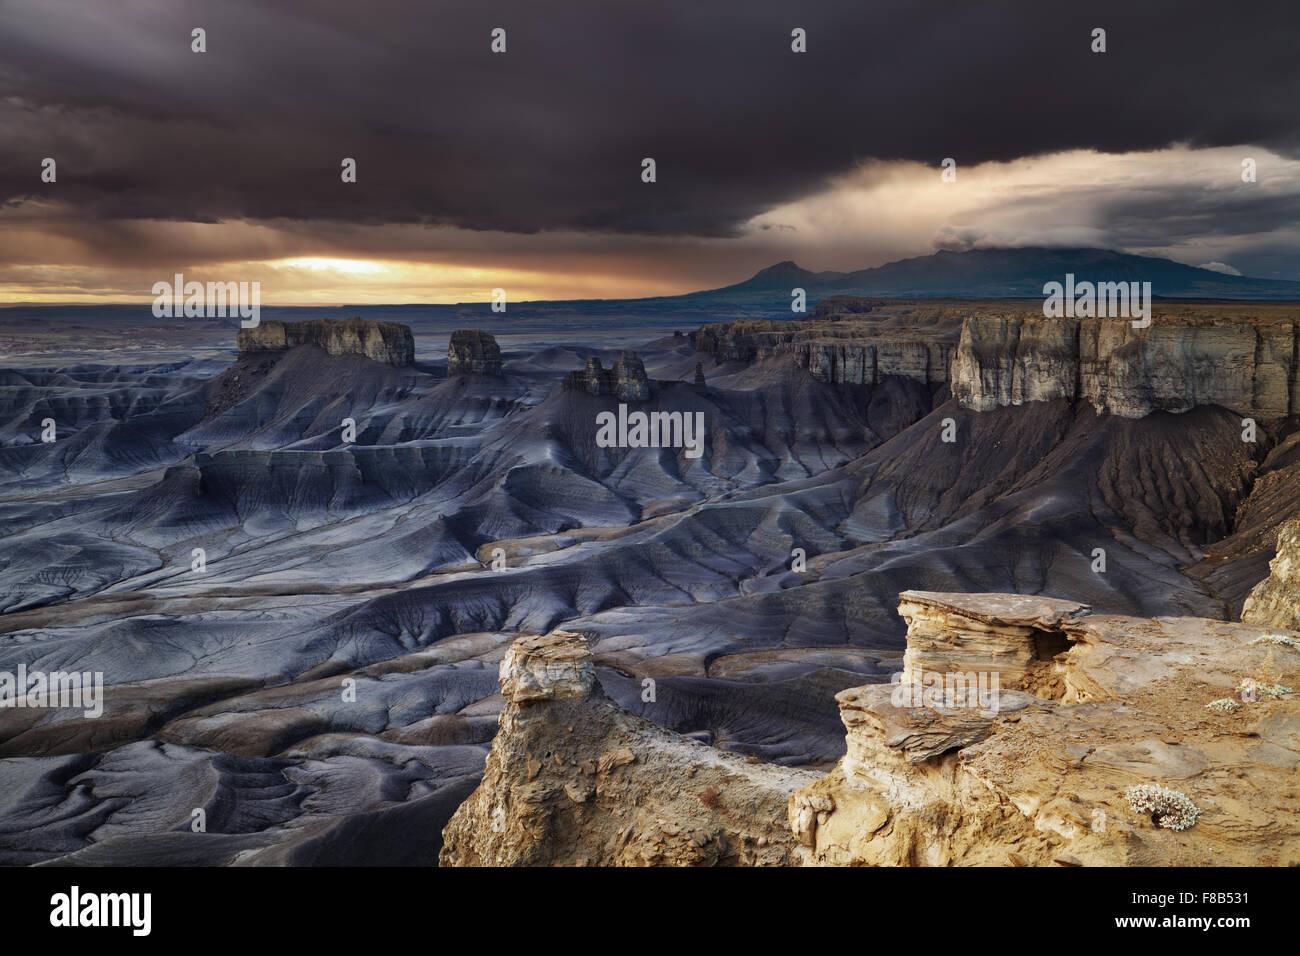 Moonscape Overlook at sunrise in Utah desert, USA - Stock Image